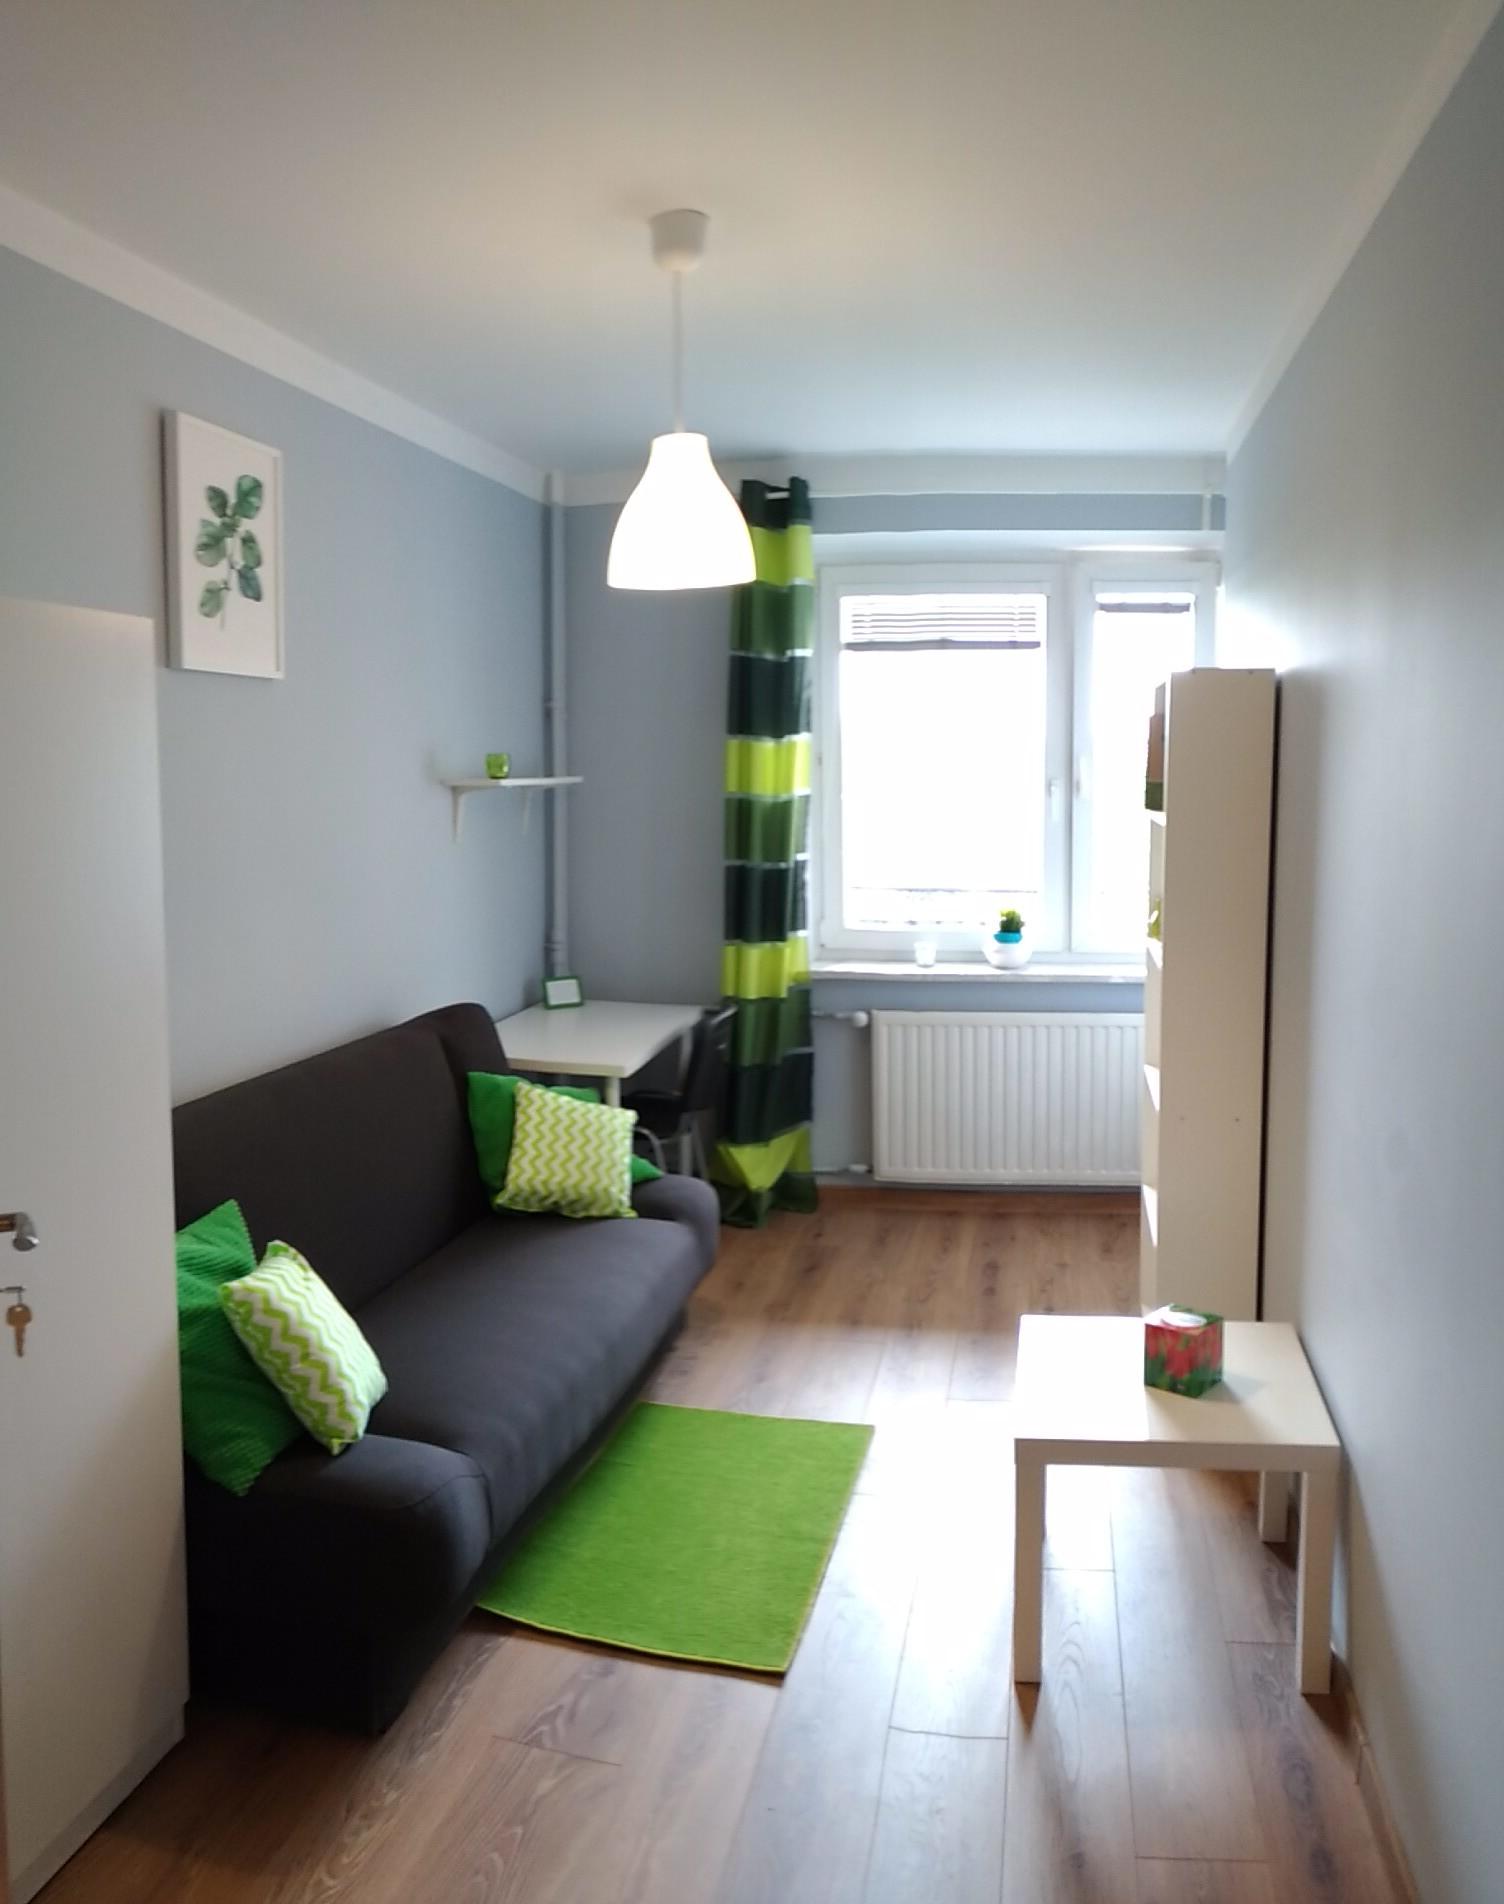 Duży pokój w Warszawie blisko metra Imielin, SGGW